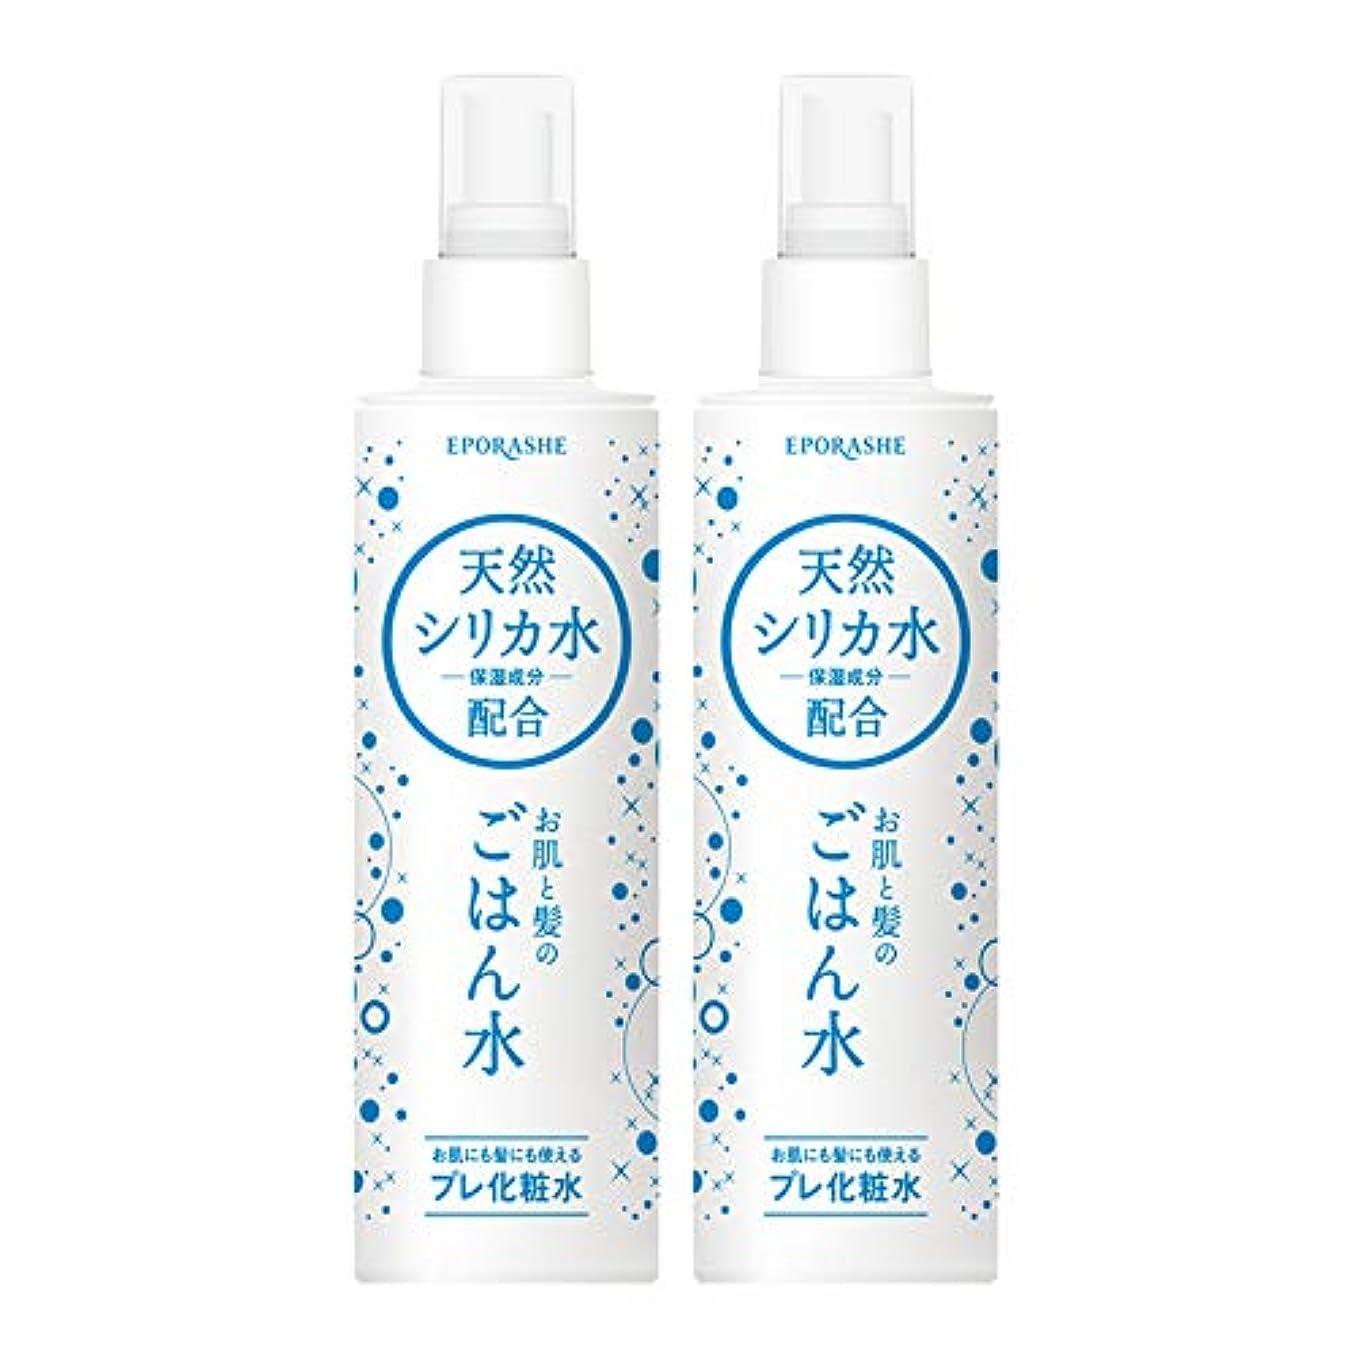 権限破壊的な器具EPORASHE お肌と髪のごはん水 (2本) ケイ素(天然シリカ)のプレ化粧水